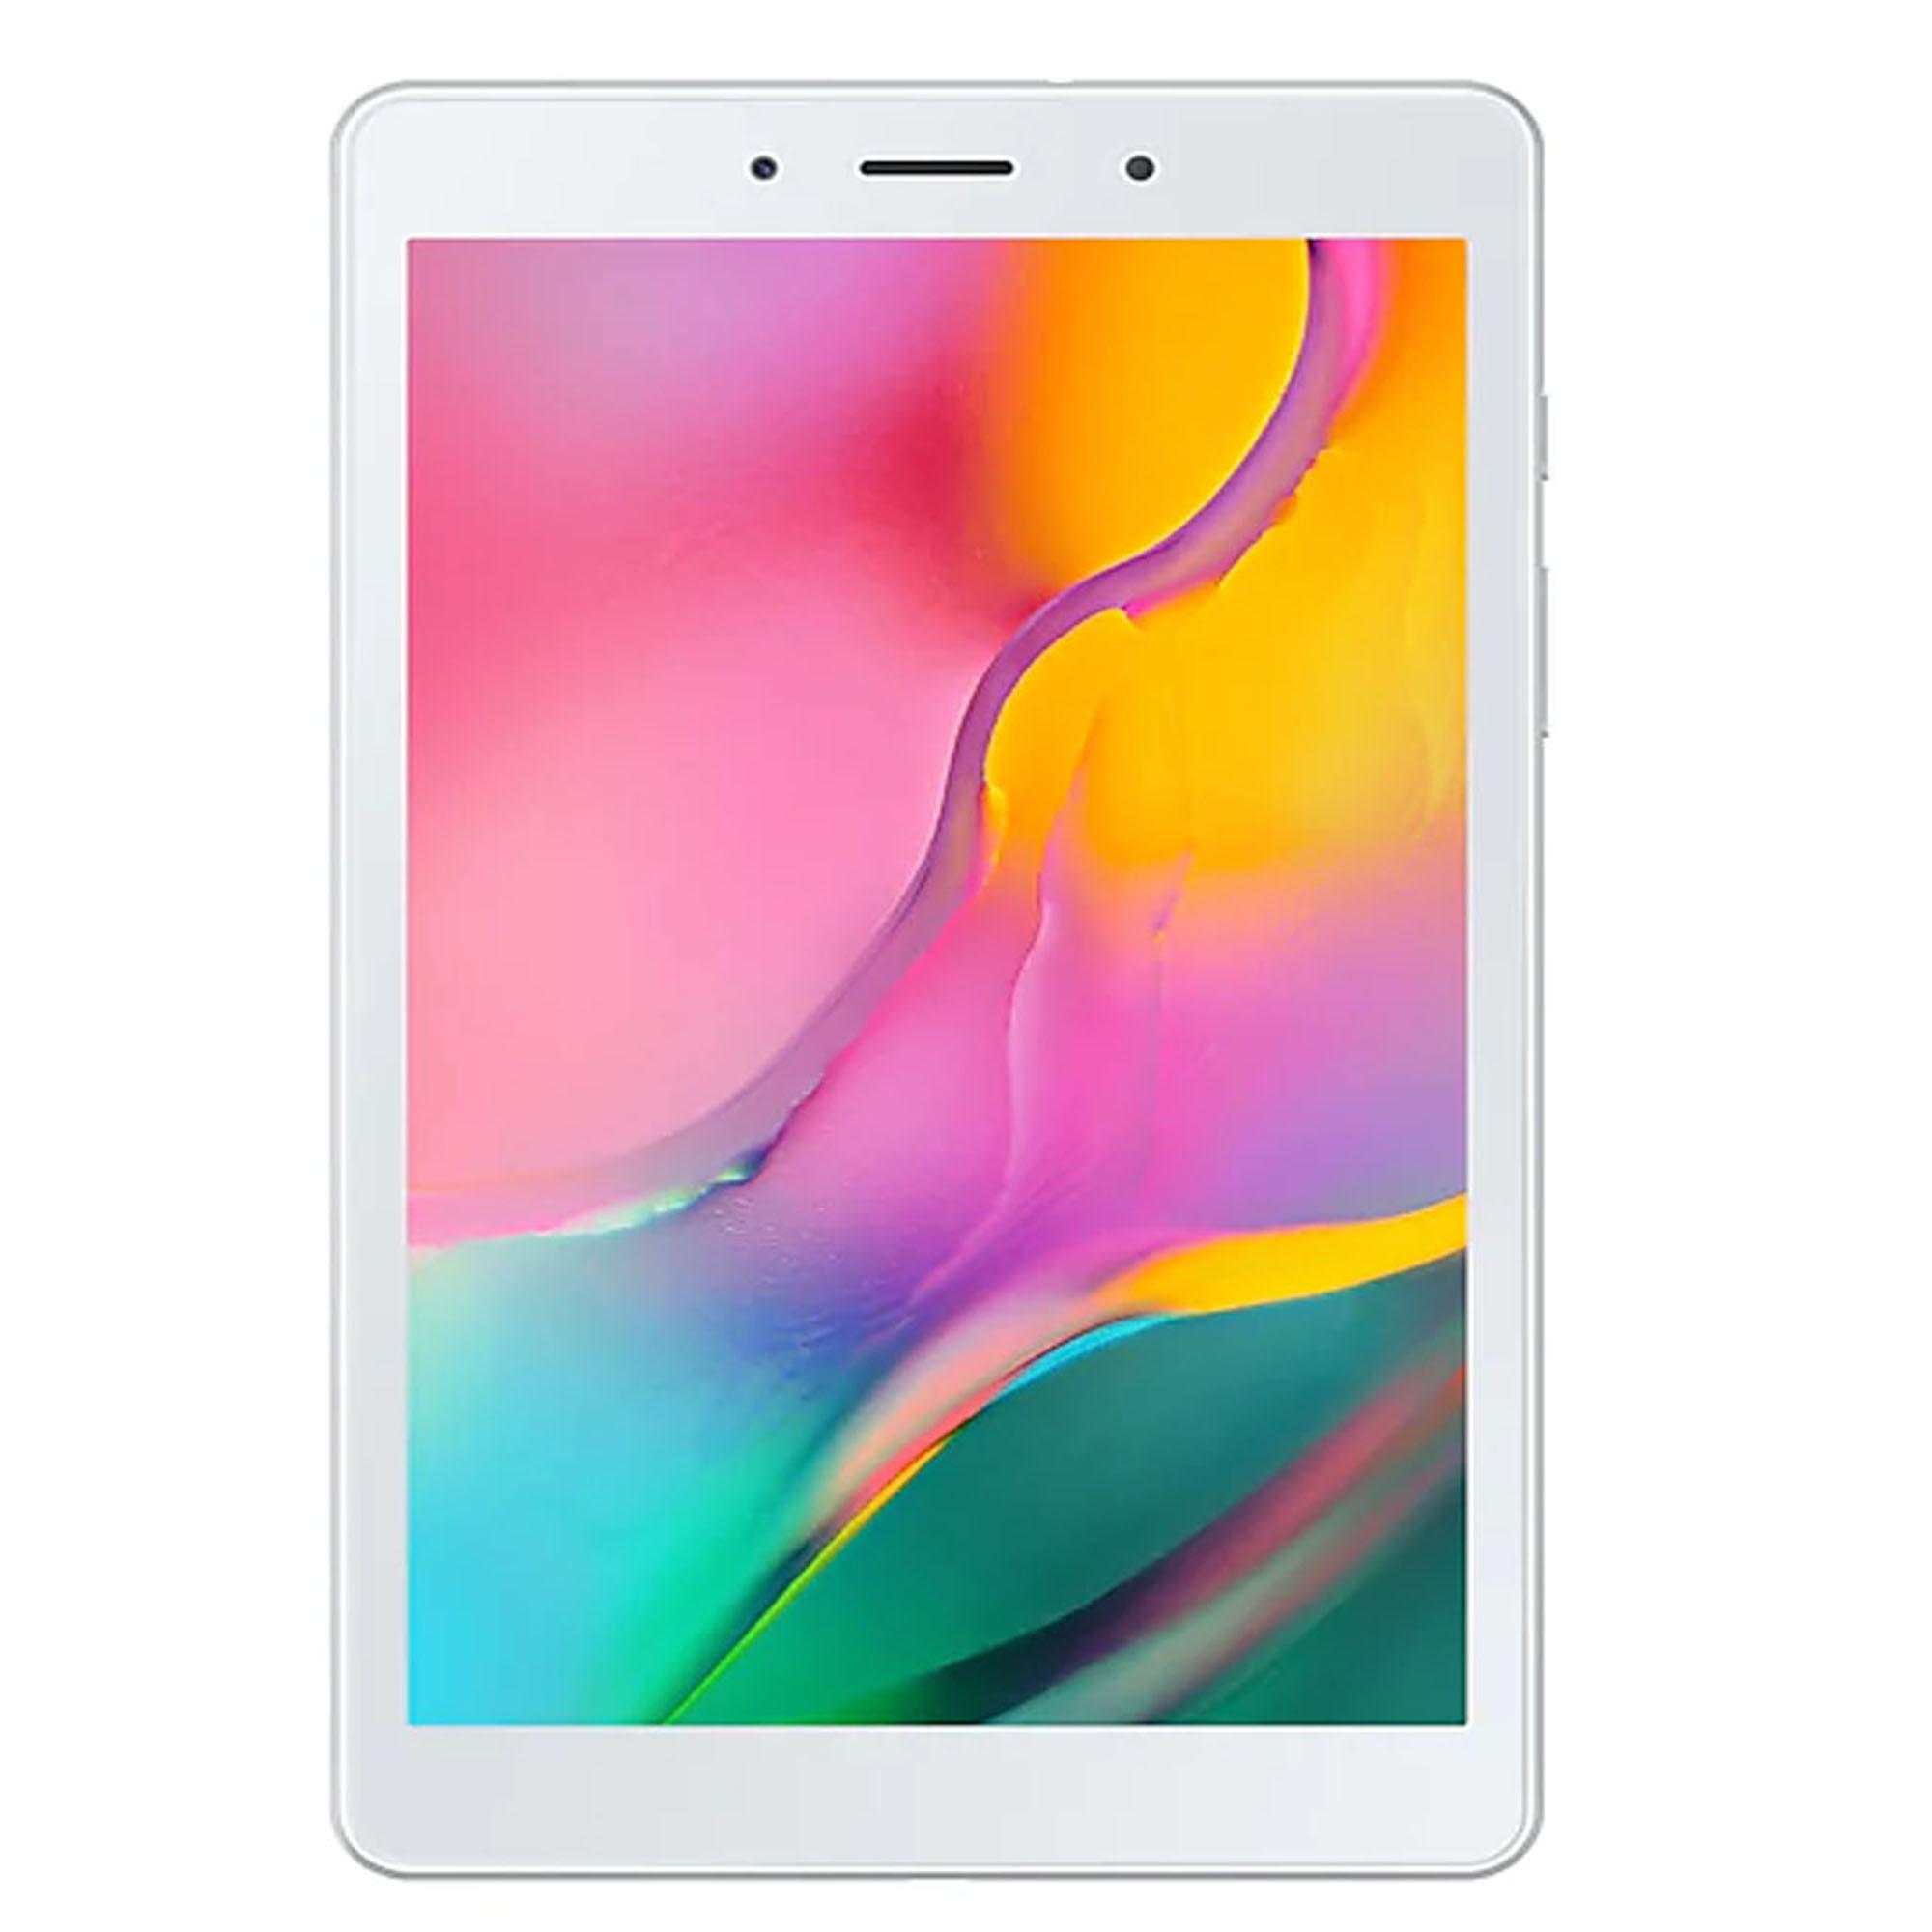 فروش اقساطی تبلت سامسونگ مدل Galaxy Tab A 8.0 2019 LTE SM-T295 ظرفیت 32 گیگابایت